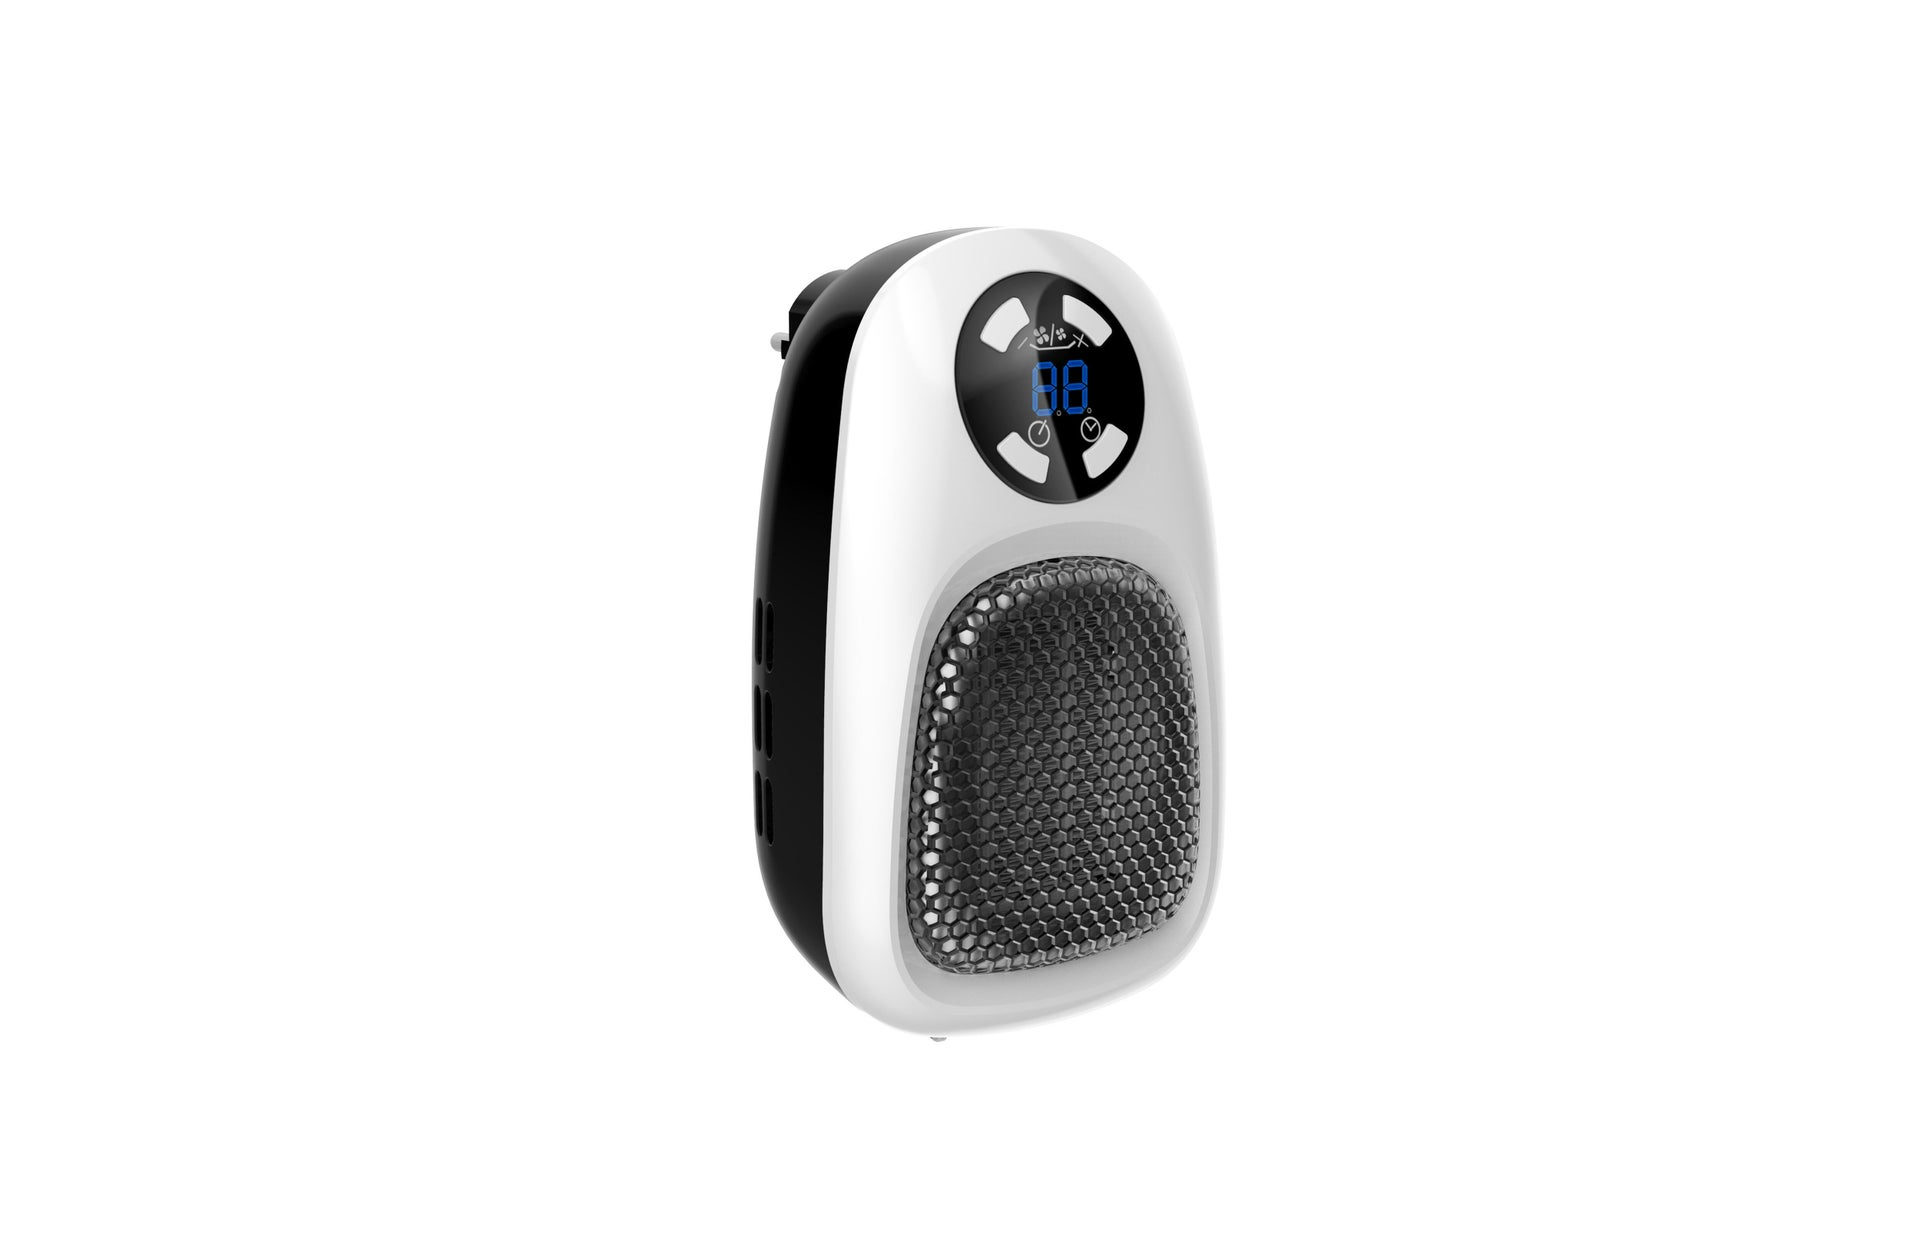 Termoventilatore elettrico EQUATION Handy nero 500 W - 6